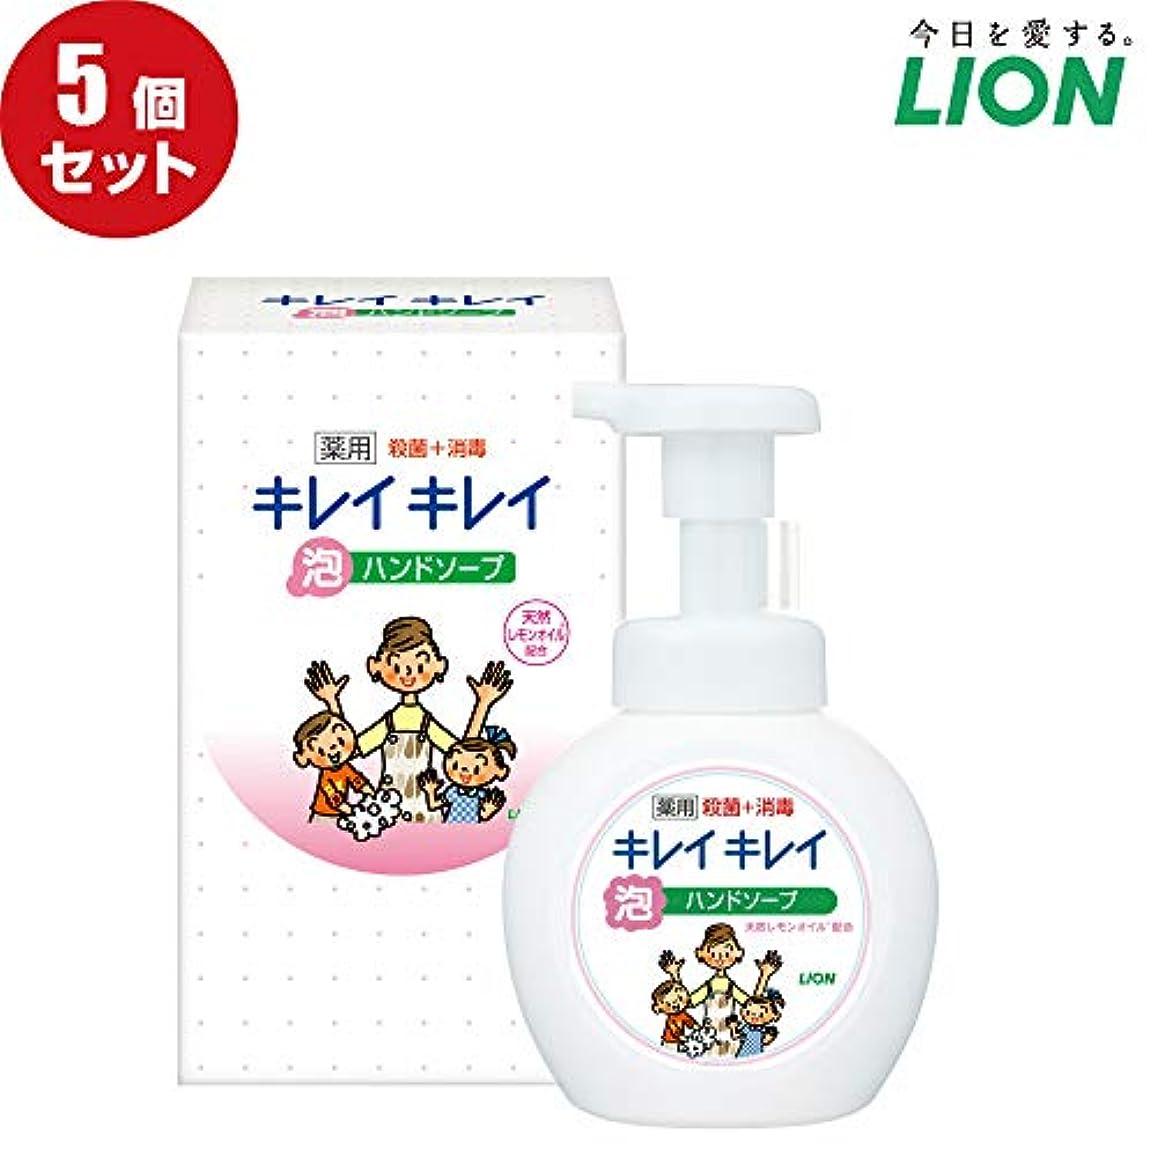 わずかなラショナル現実的【5個セット】LION キレイキレイ薬用泡ハンドソープ250ml ノベルティギフト用化粧箱入